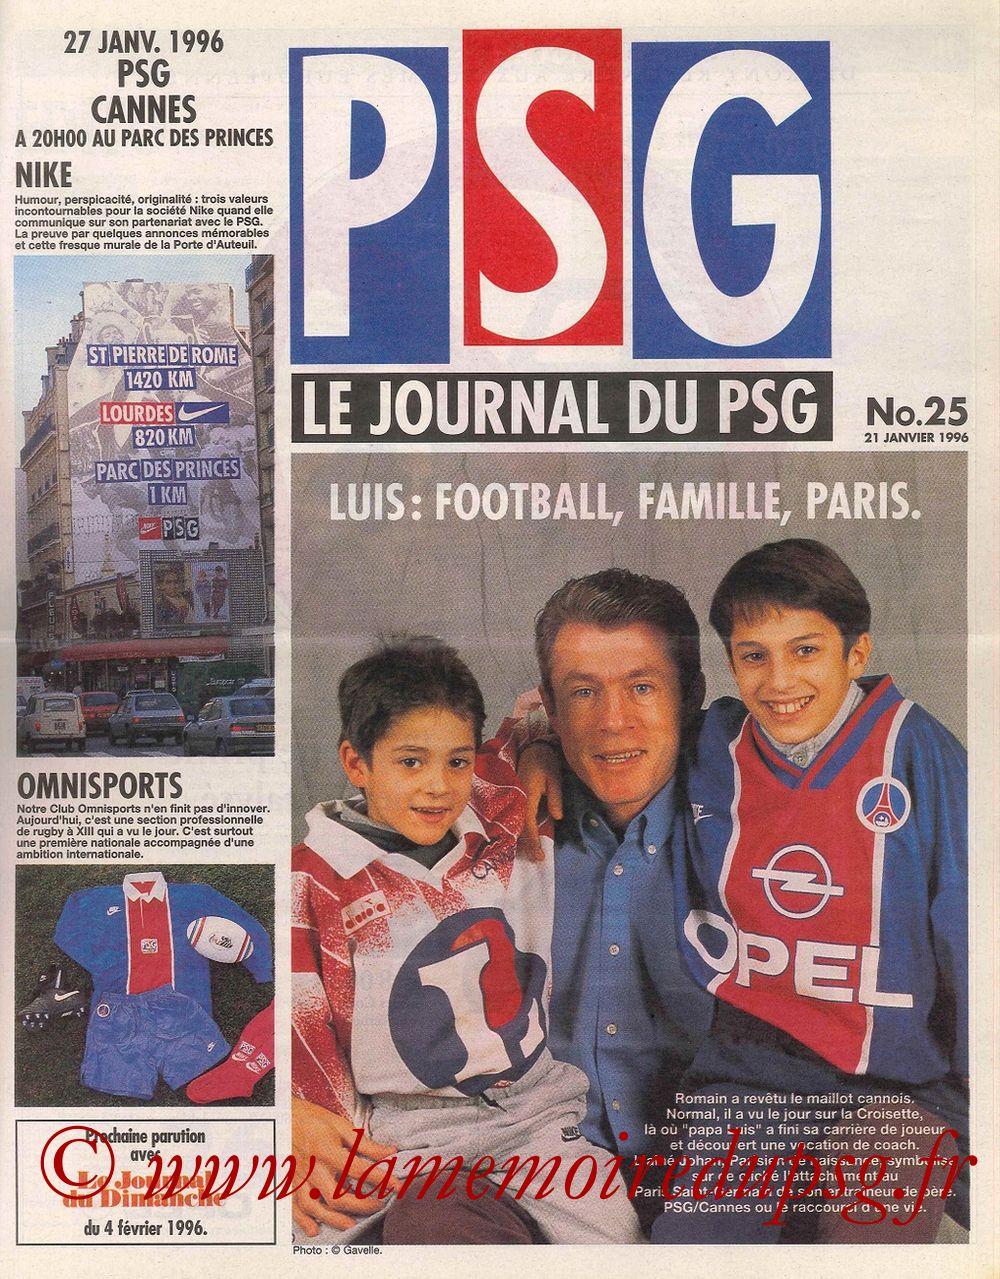 1996-01-27  PSG-Cannes (25ème D1, Le Journal du PSG N°25)